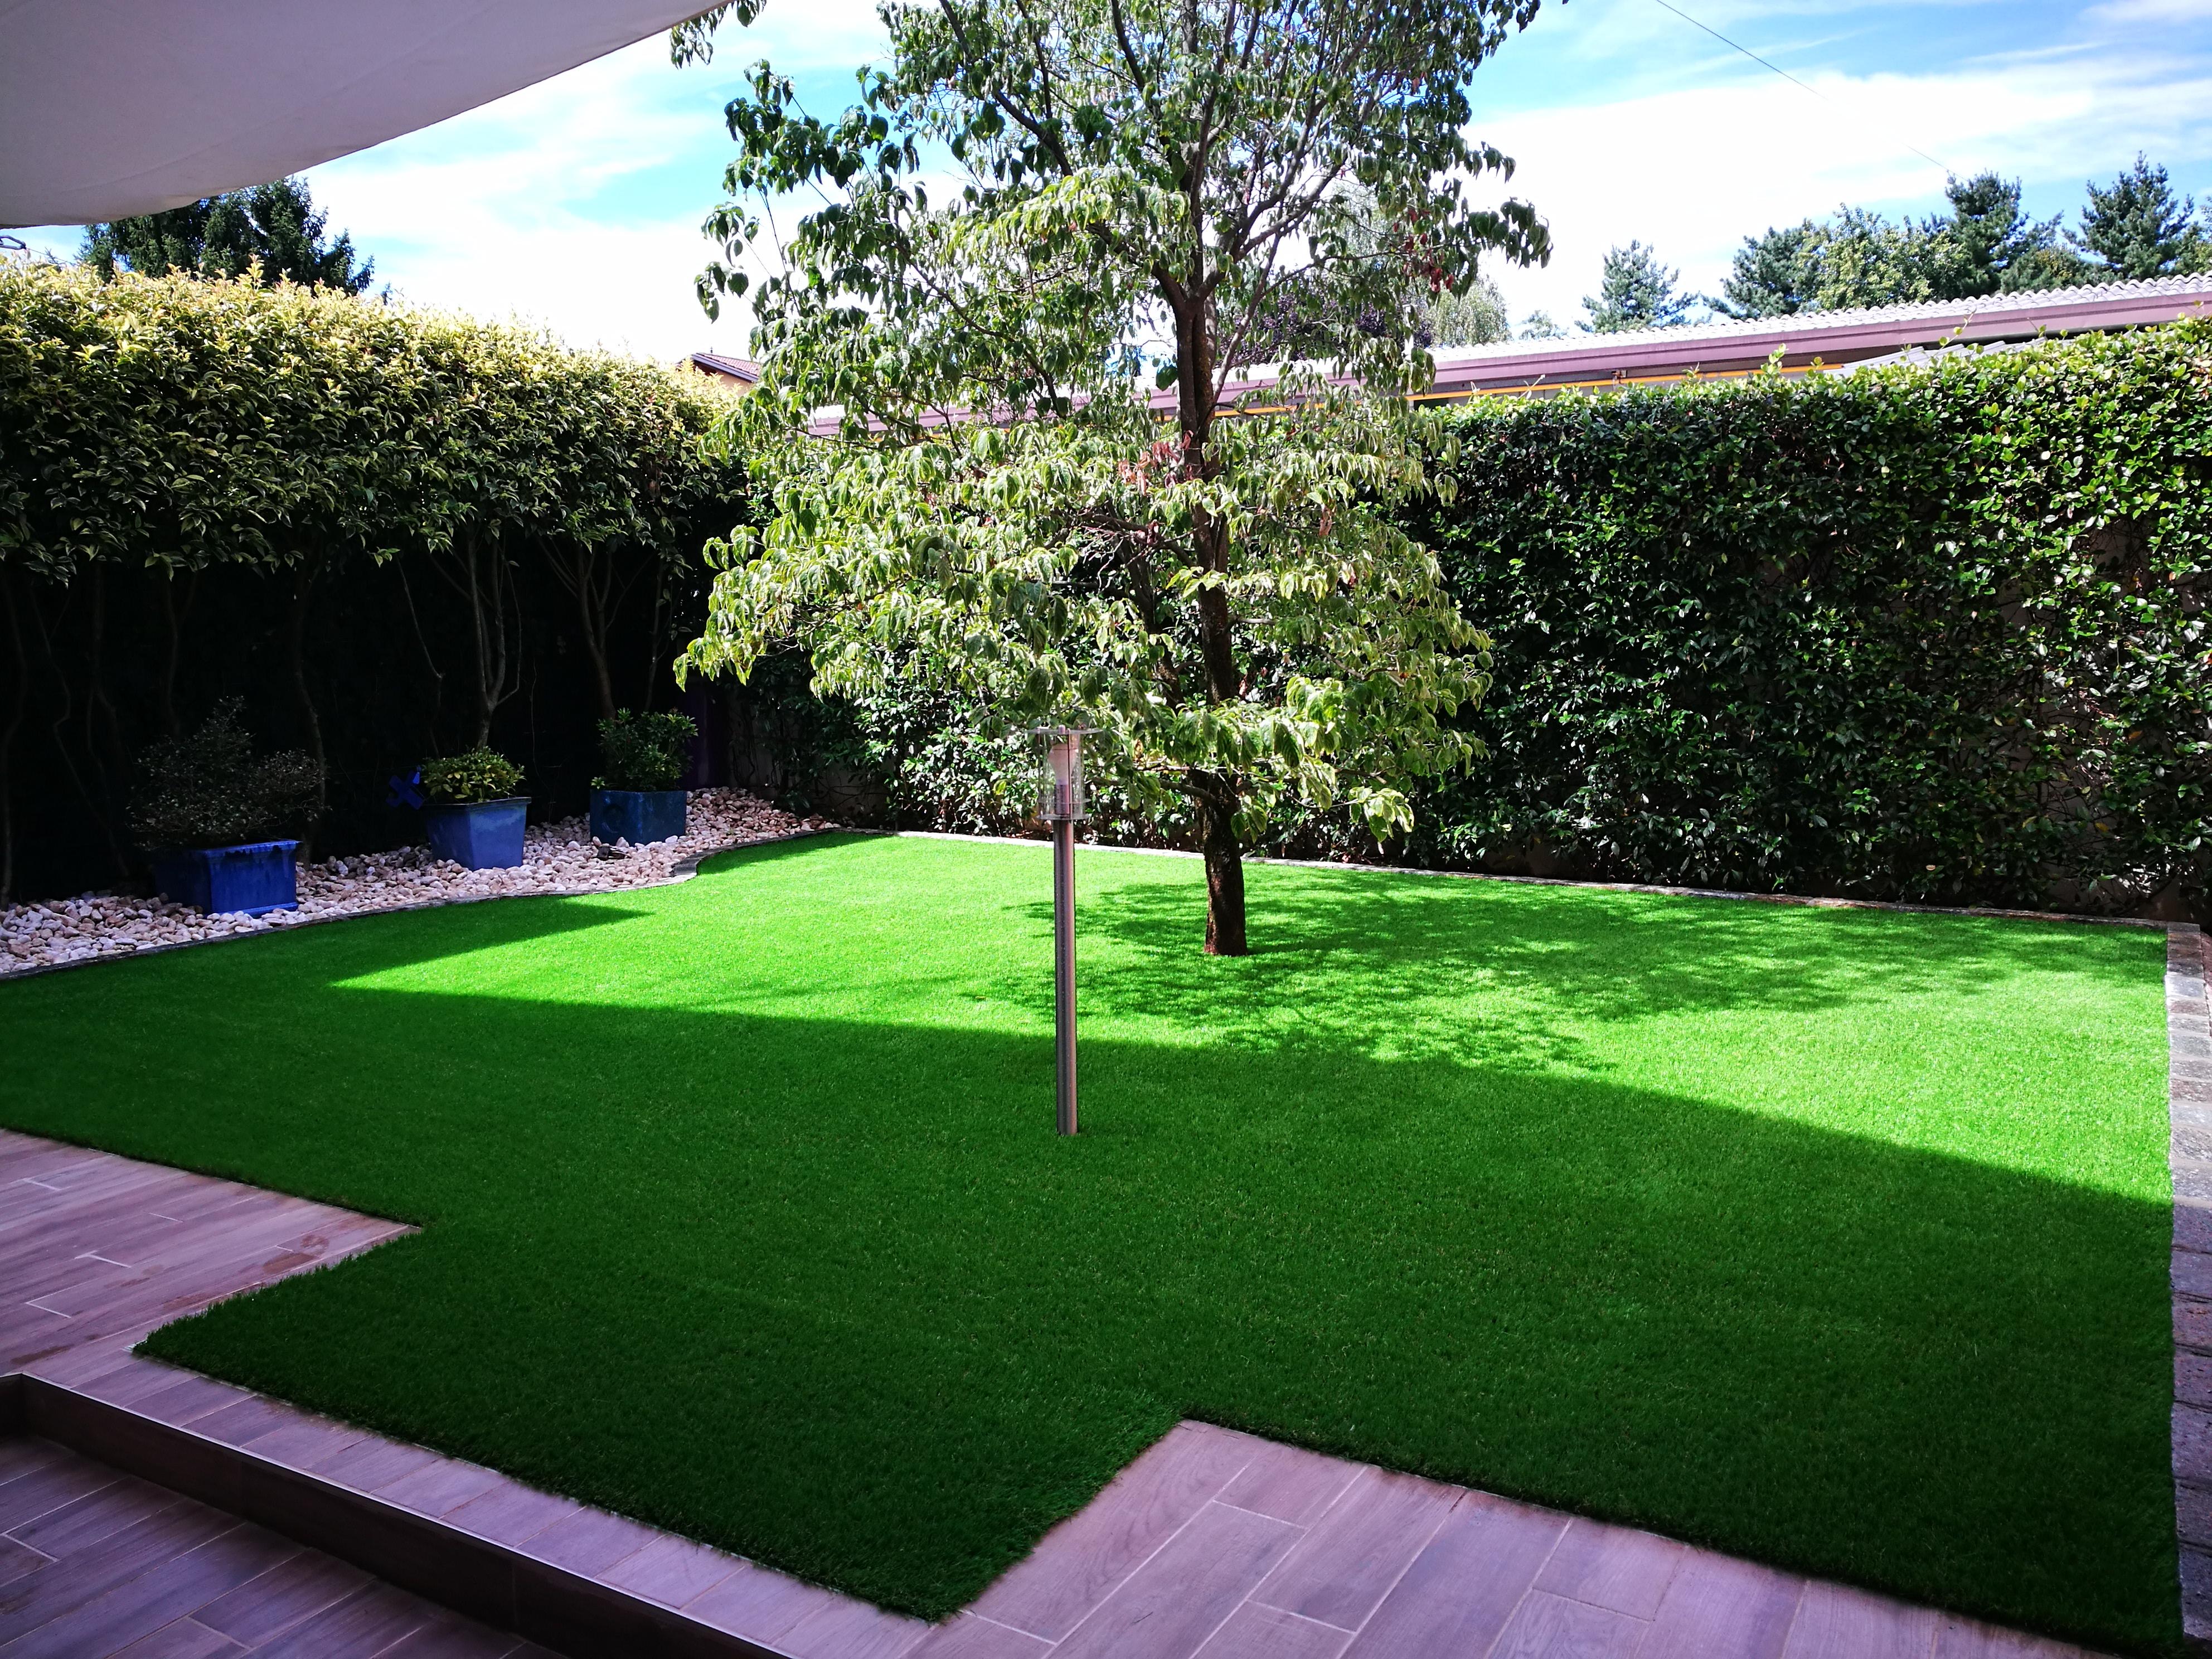 Erbetta giardino erba sintetica per arredo urbano green save the